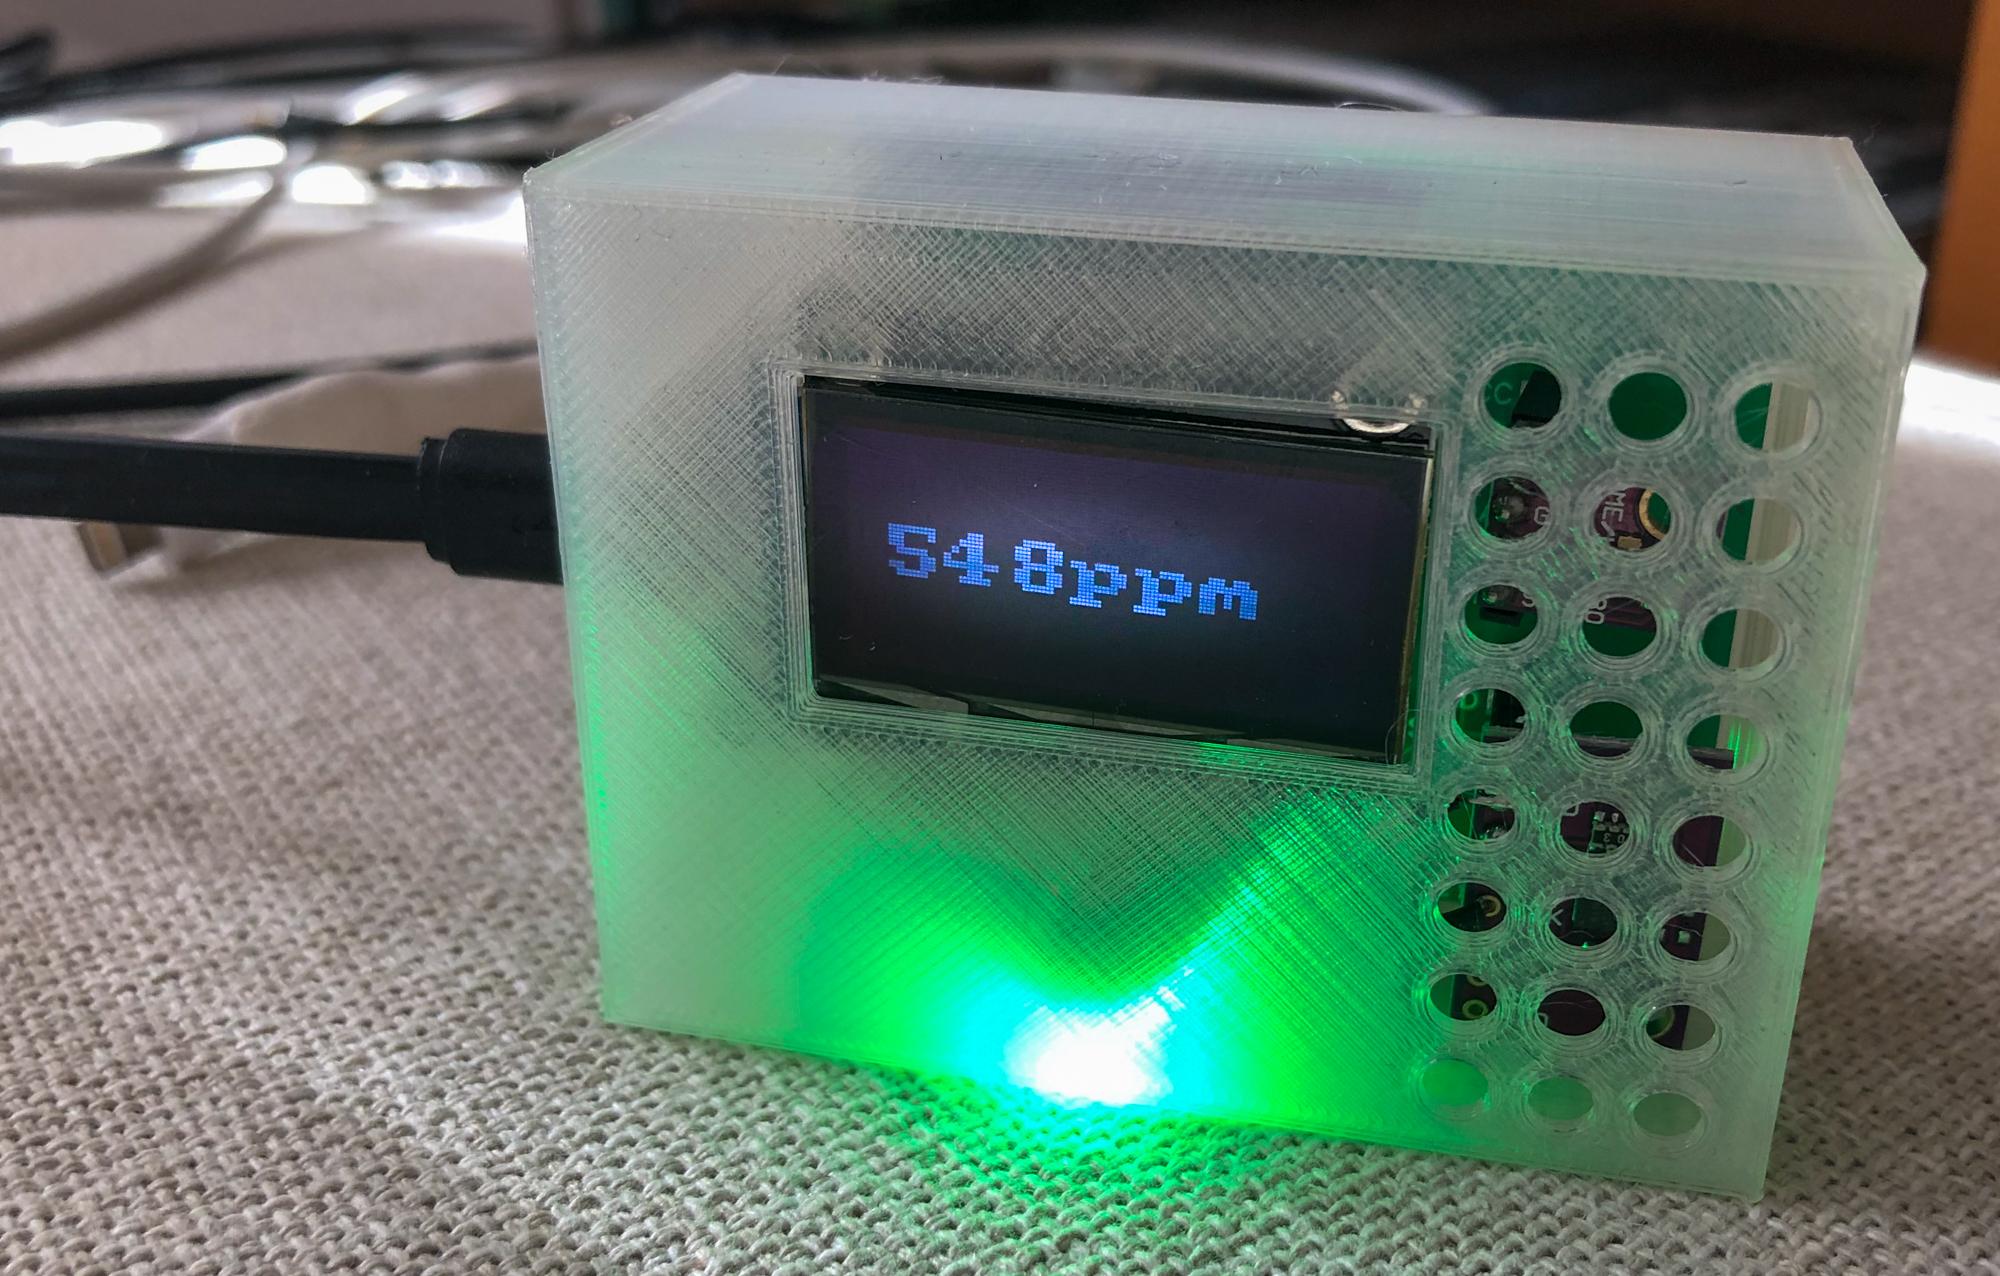 Making stuff: CO2 monitor